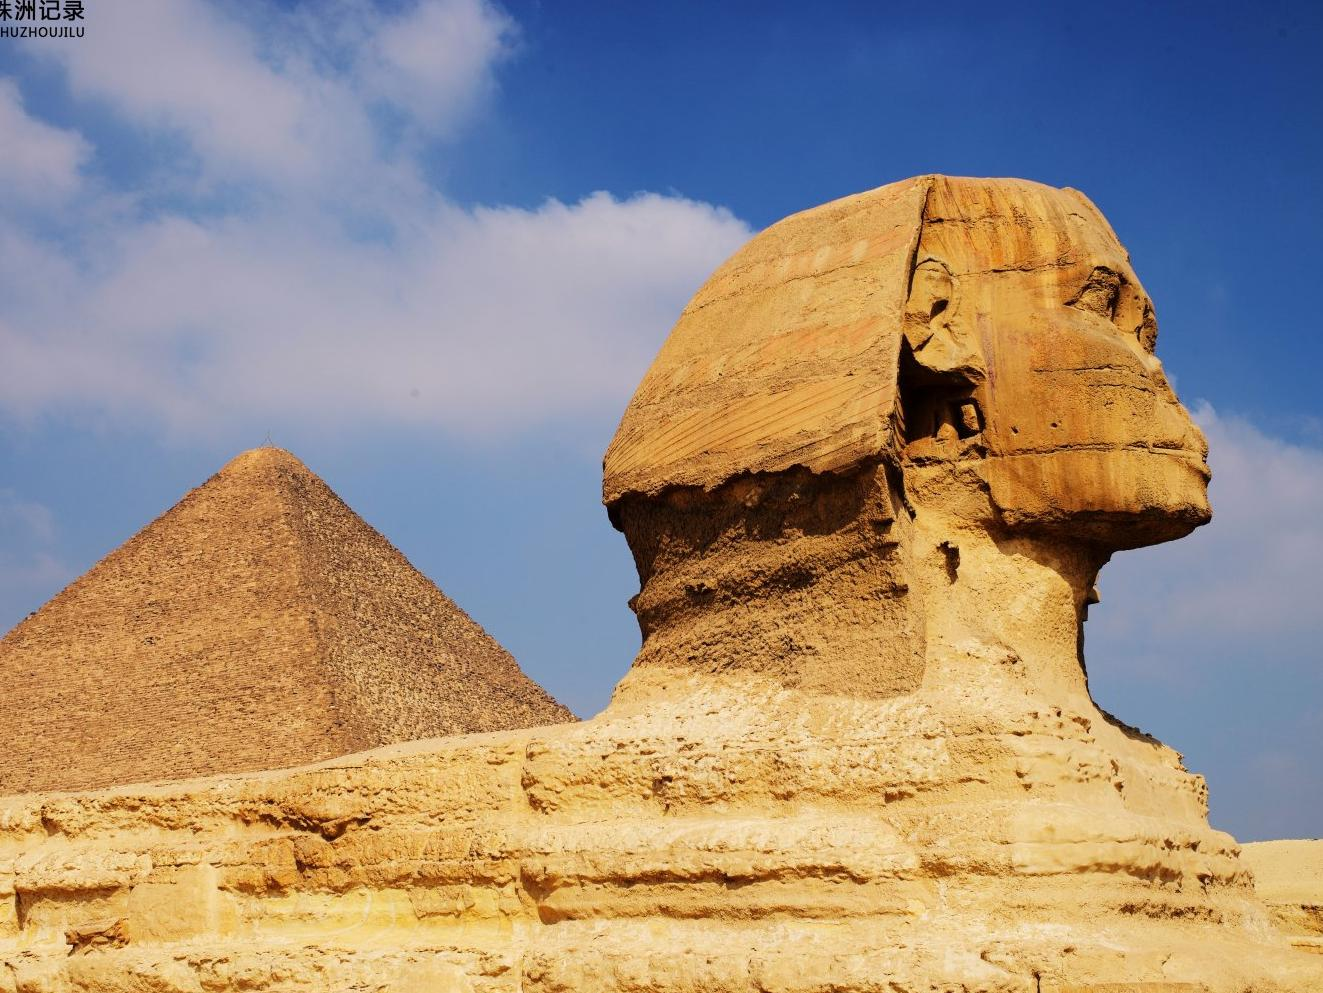 """走进埃及:有人怀疑是外星人杰作的""""胡夫金字塔"""""""""""